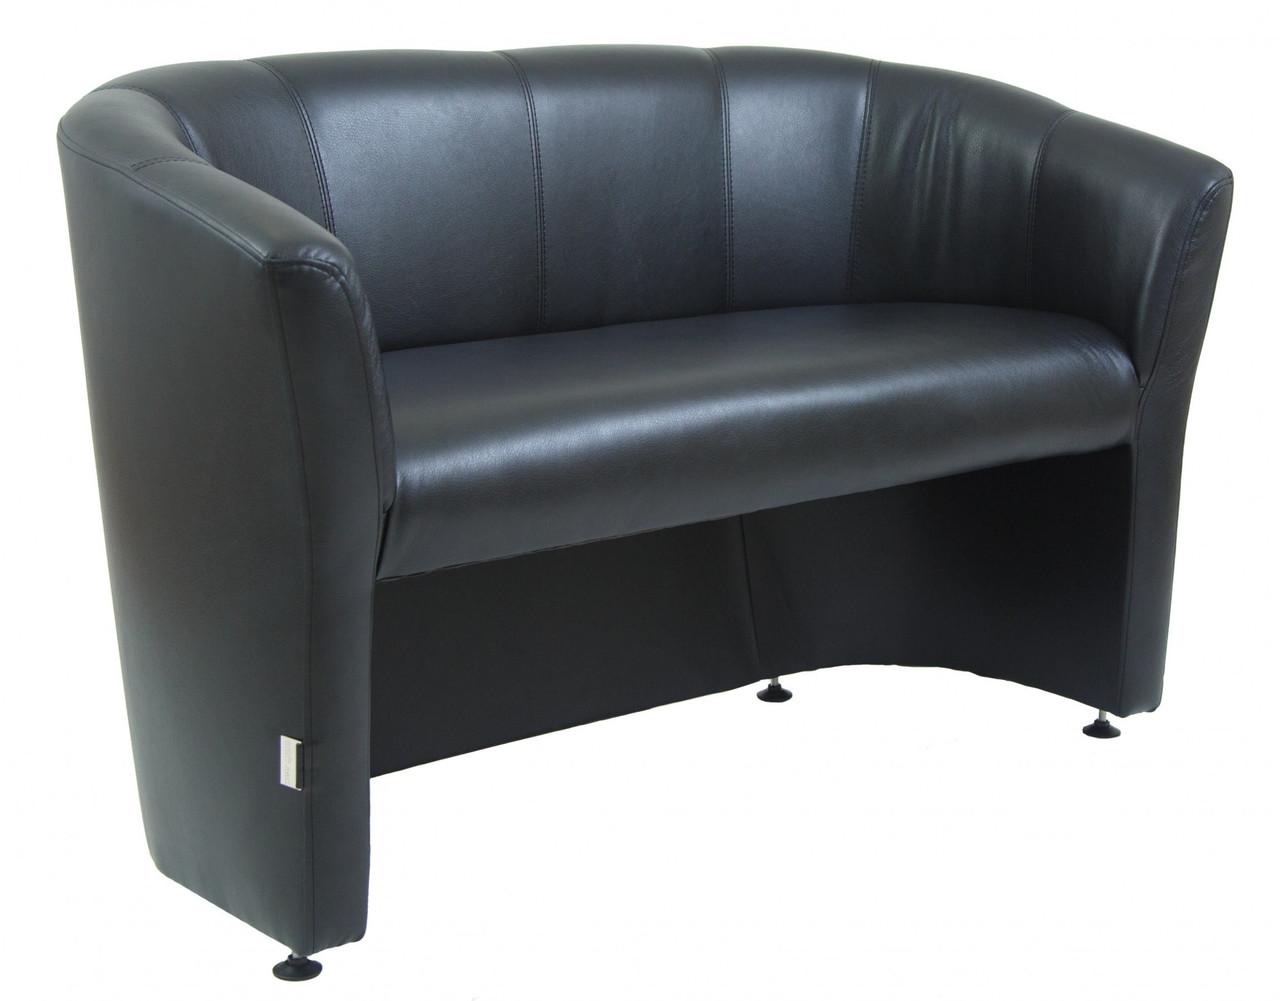 Диван Richman Бум Двойка 650 x 1300 x 800H см Флай 2230 Черный